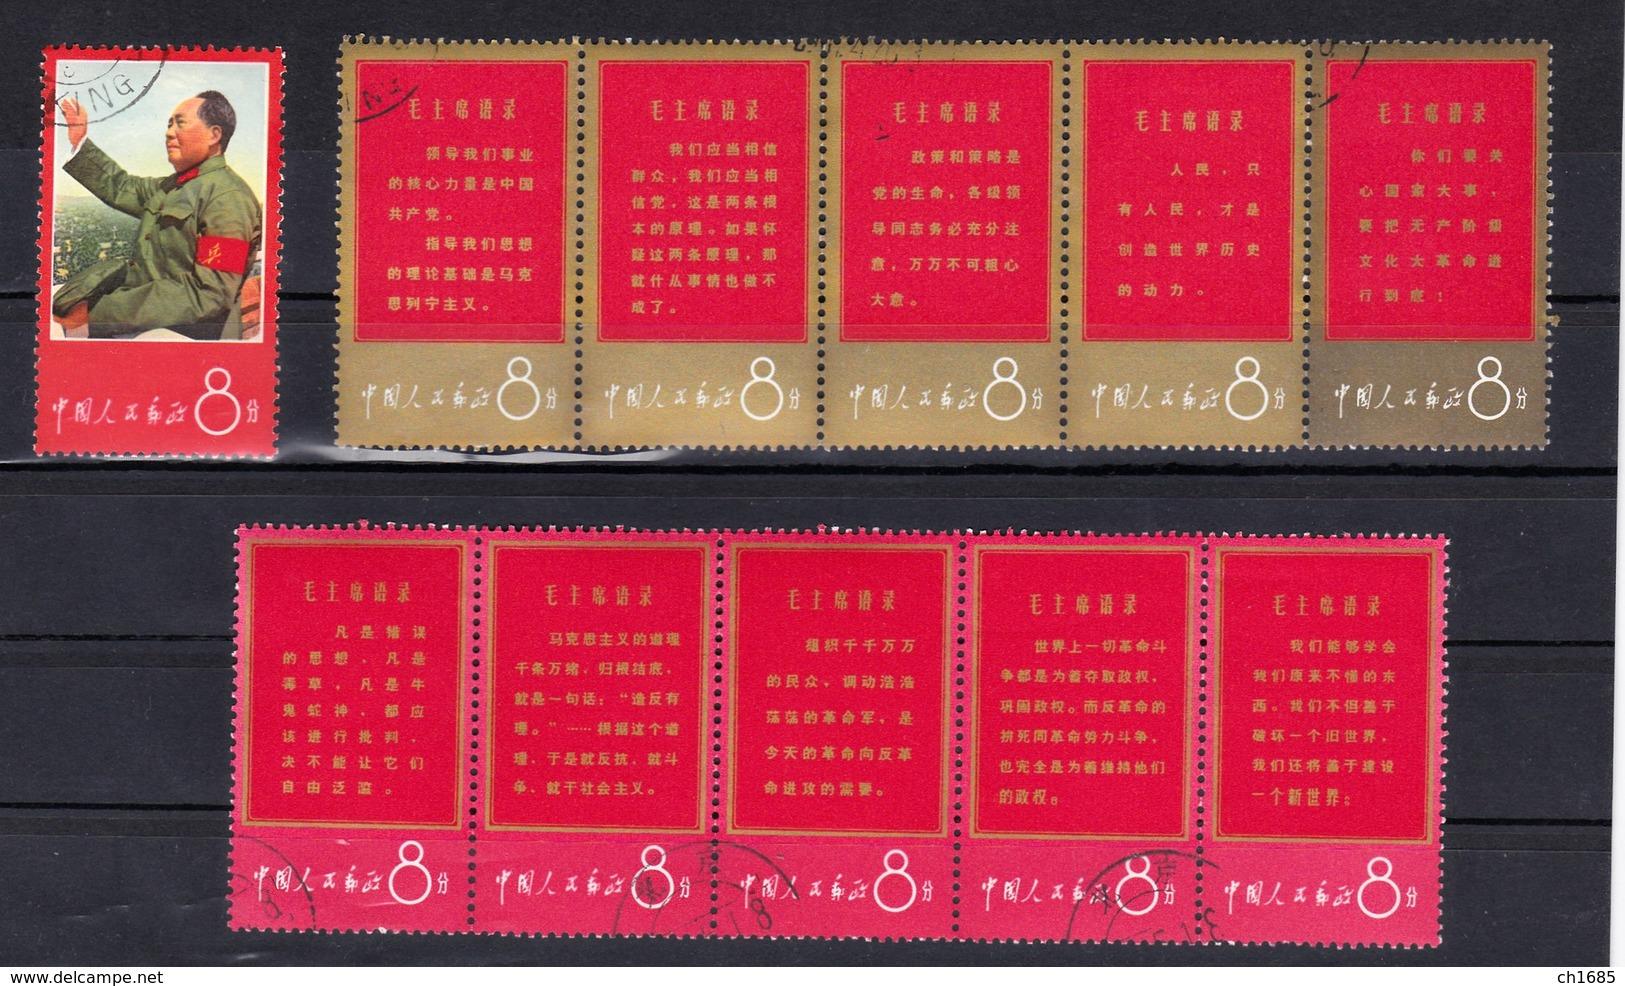 CHINE CHINA  :  Pensées De Mao Tsé-Toung  : Yvert 1720 à 1730 Michel 966 à 976  Oblitéré  Used - 1949 - ... People's Republic